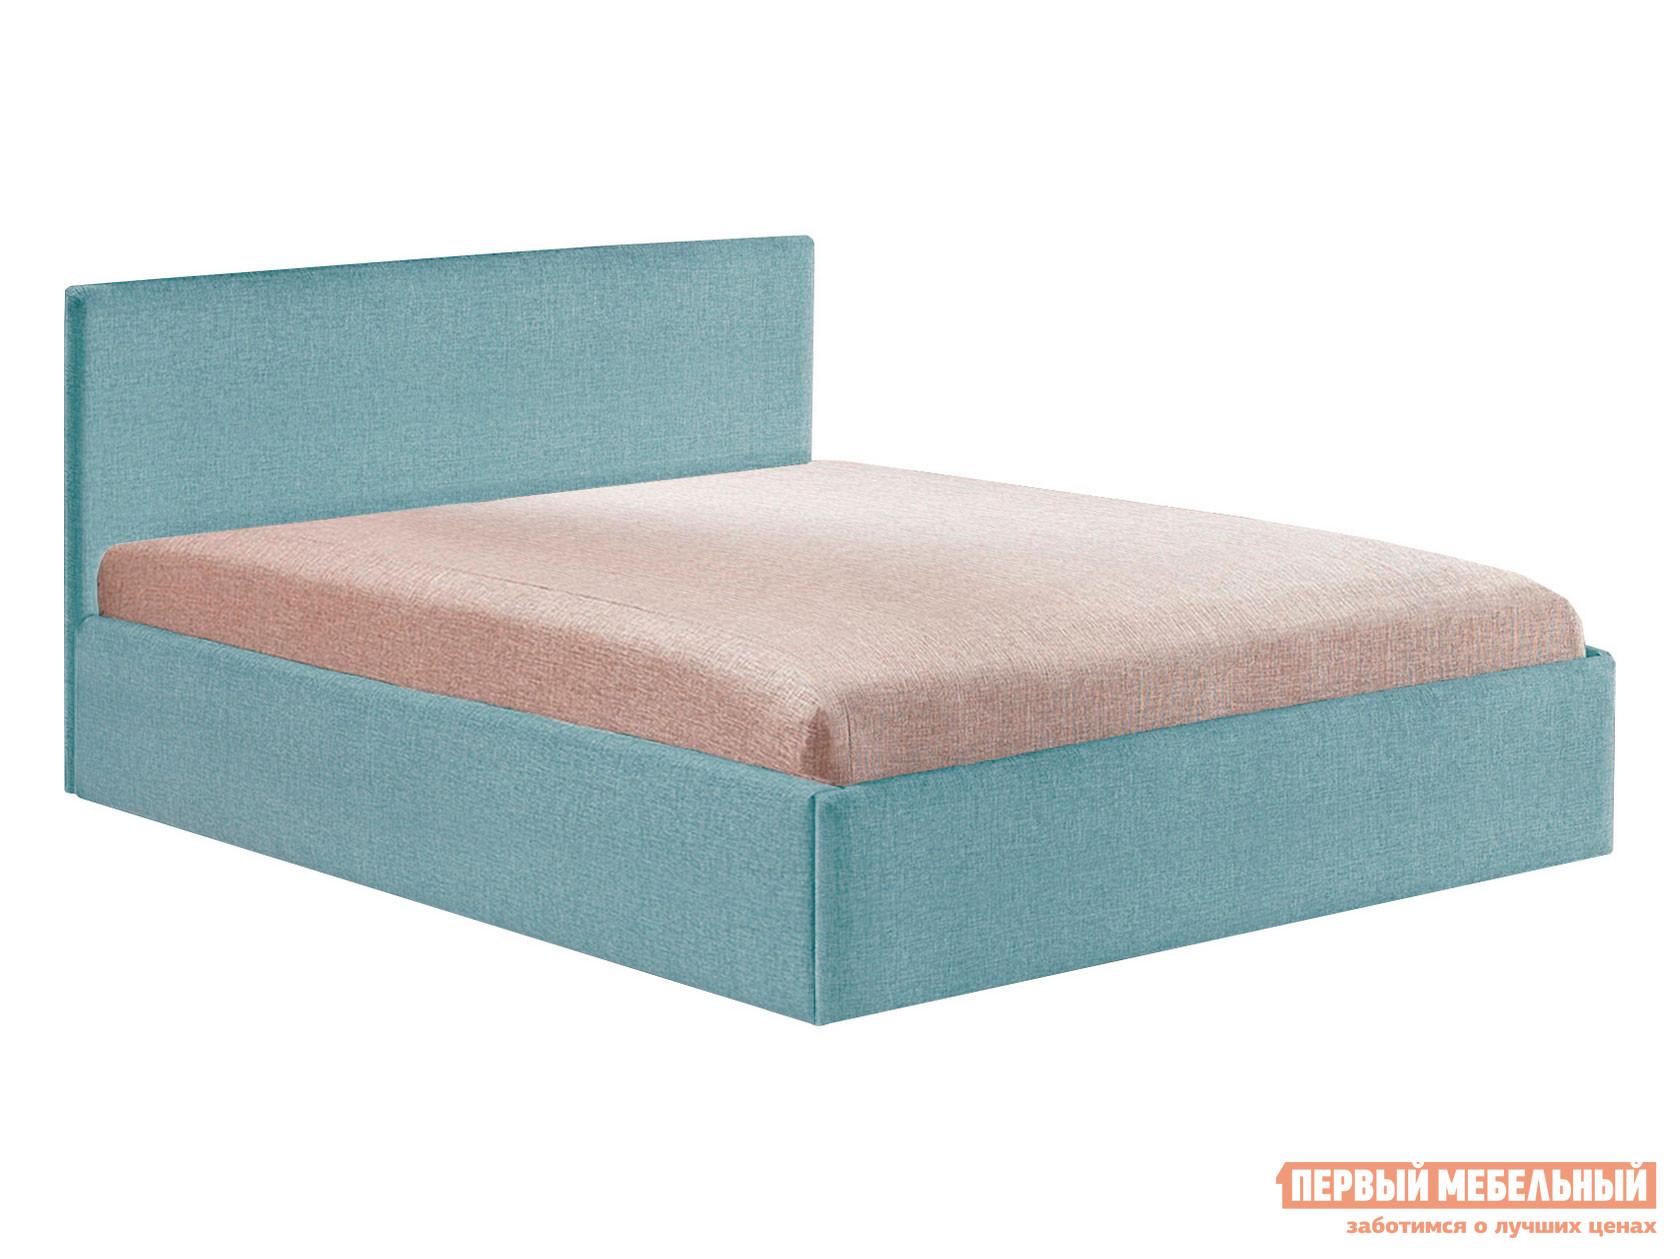 кровать односпальная 90х200 с матрасом купить в спб